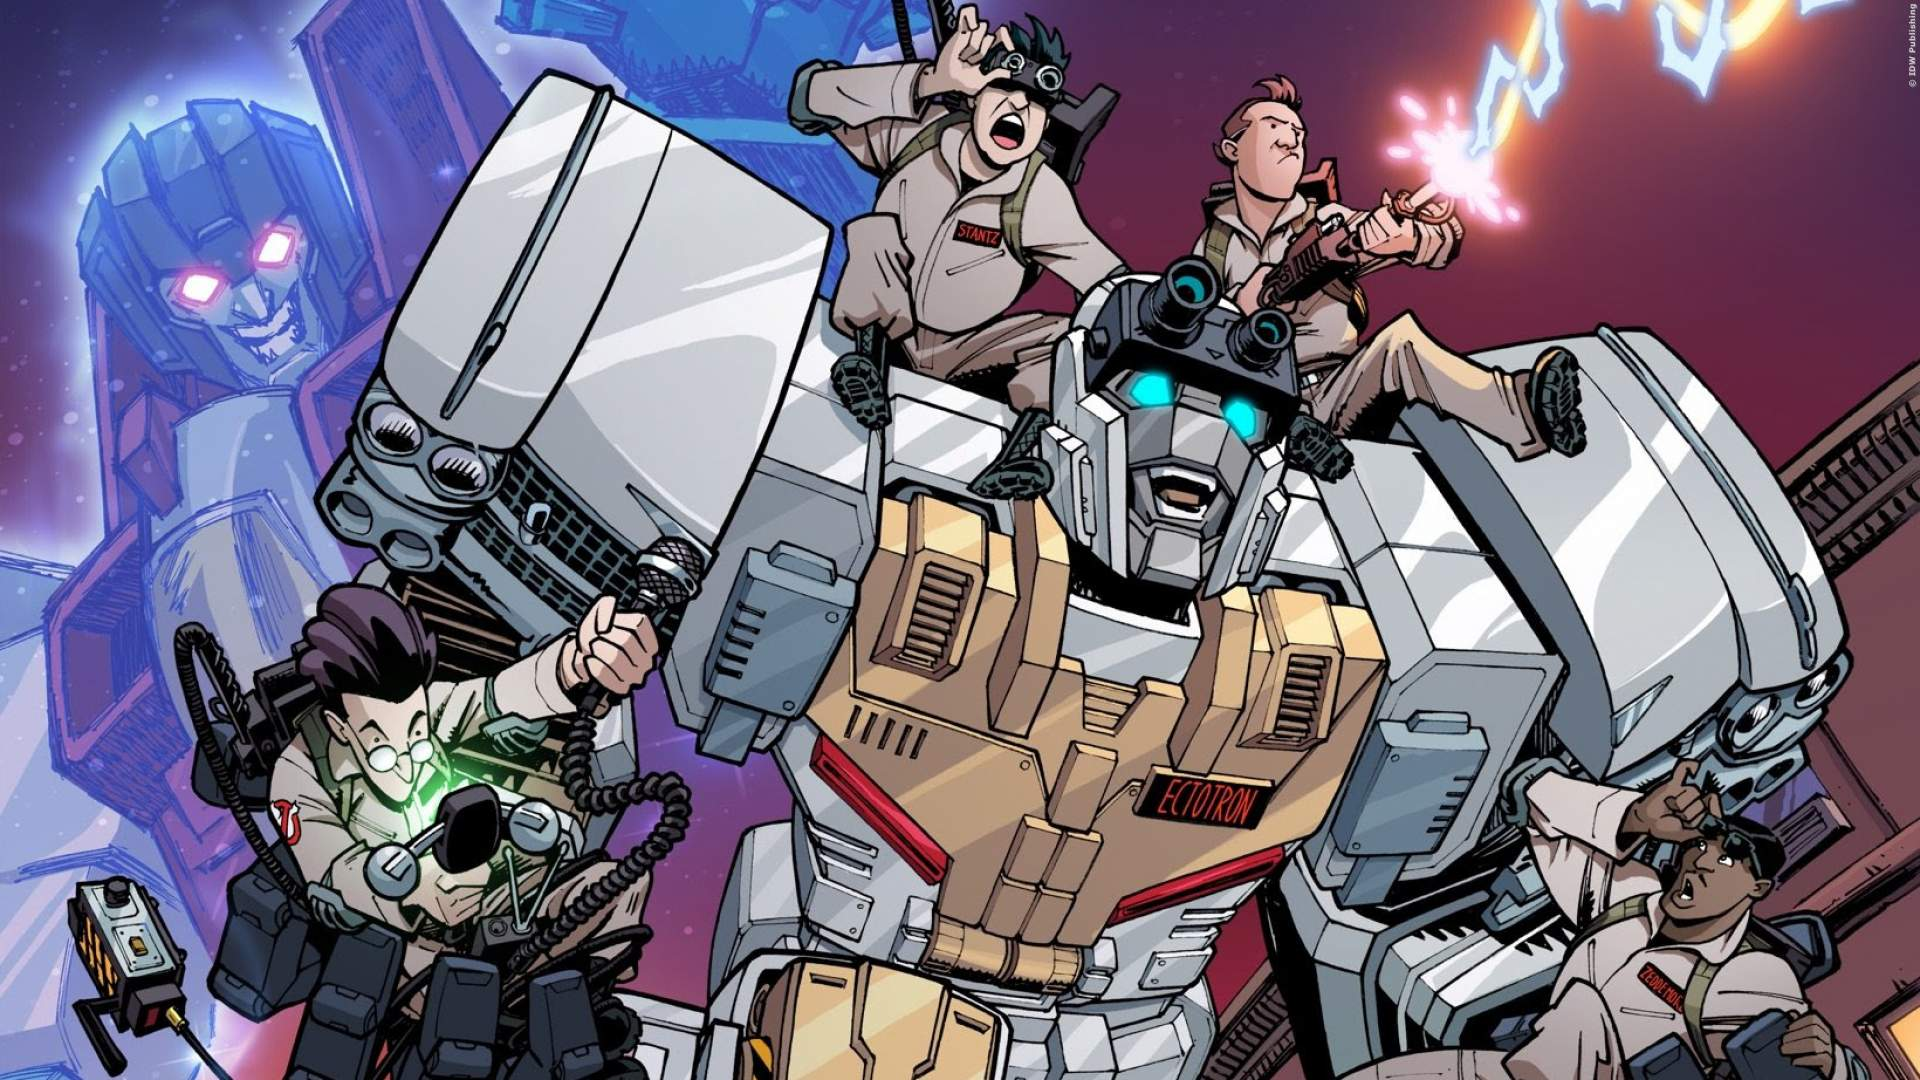 Transformers trifft auf Ghostbusters - Bild 1 von 1